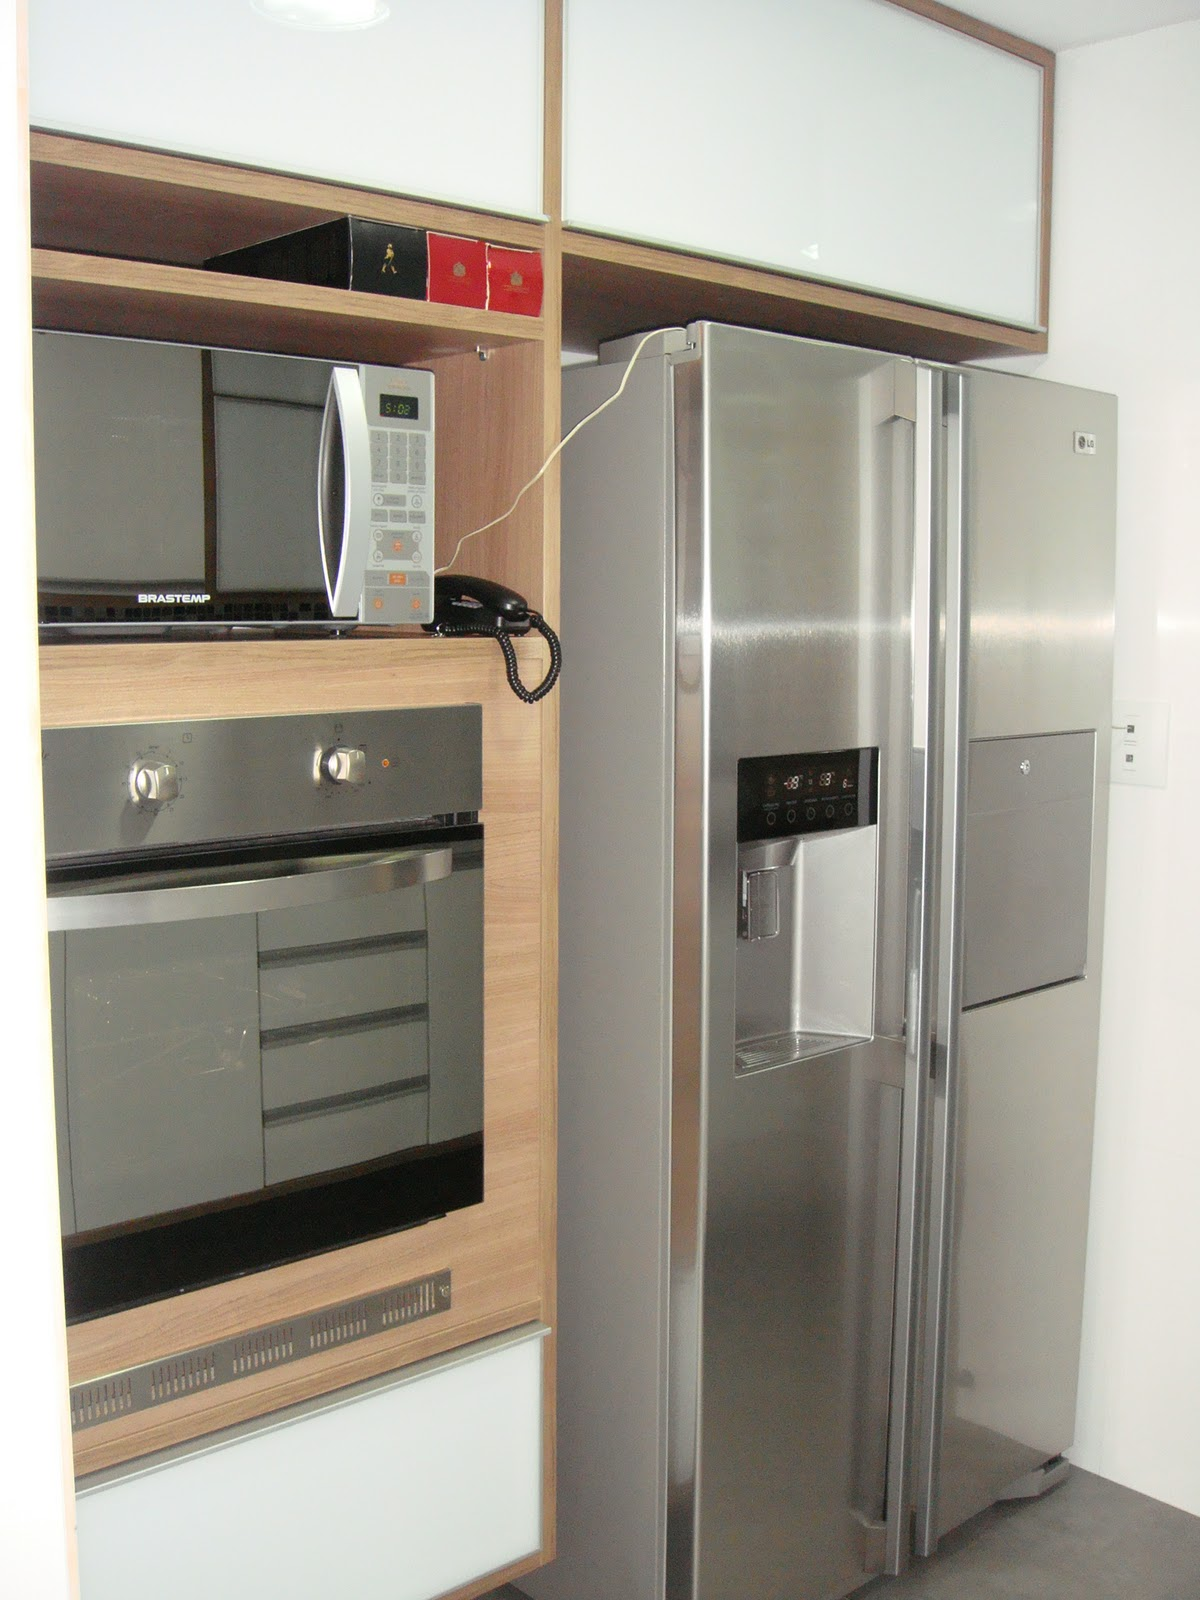 #A02B2C Braga's Home: Cozinha 1200x1600 px Projetos De Cozinhas Brastemp #439 imagens